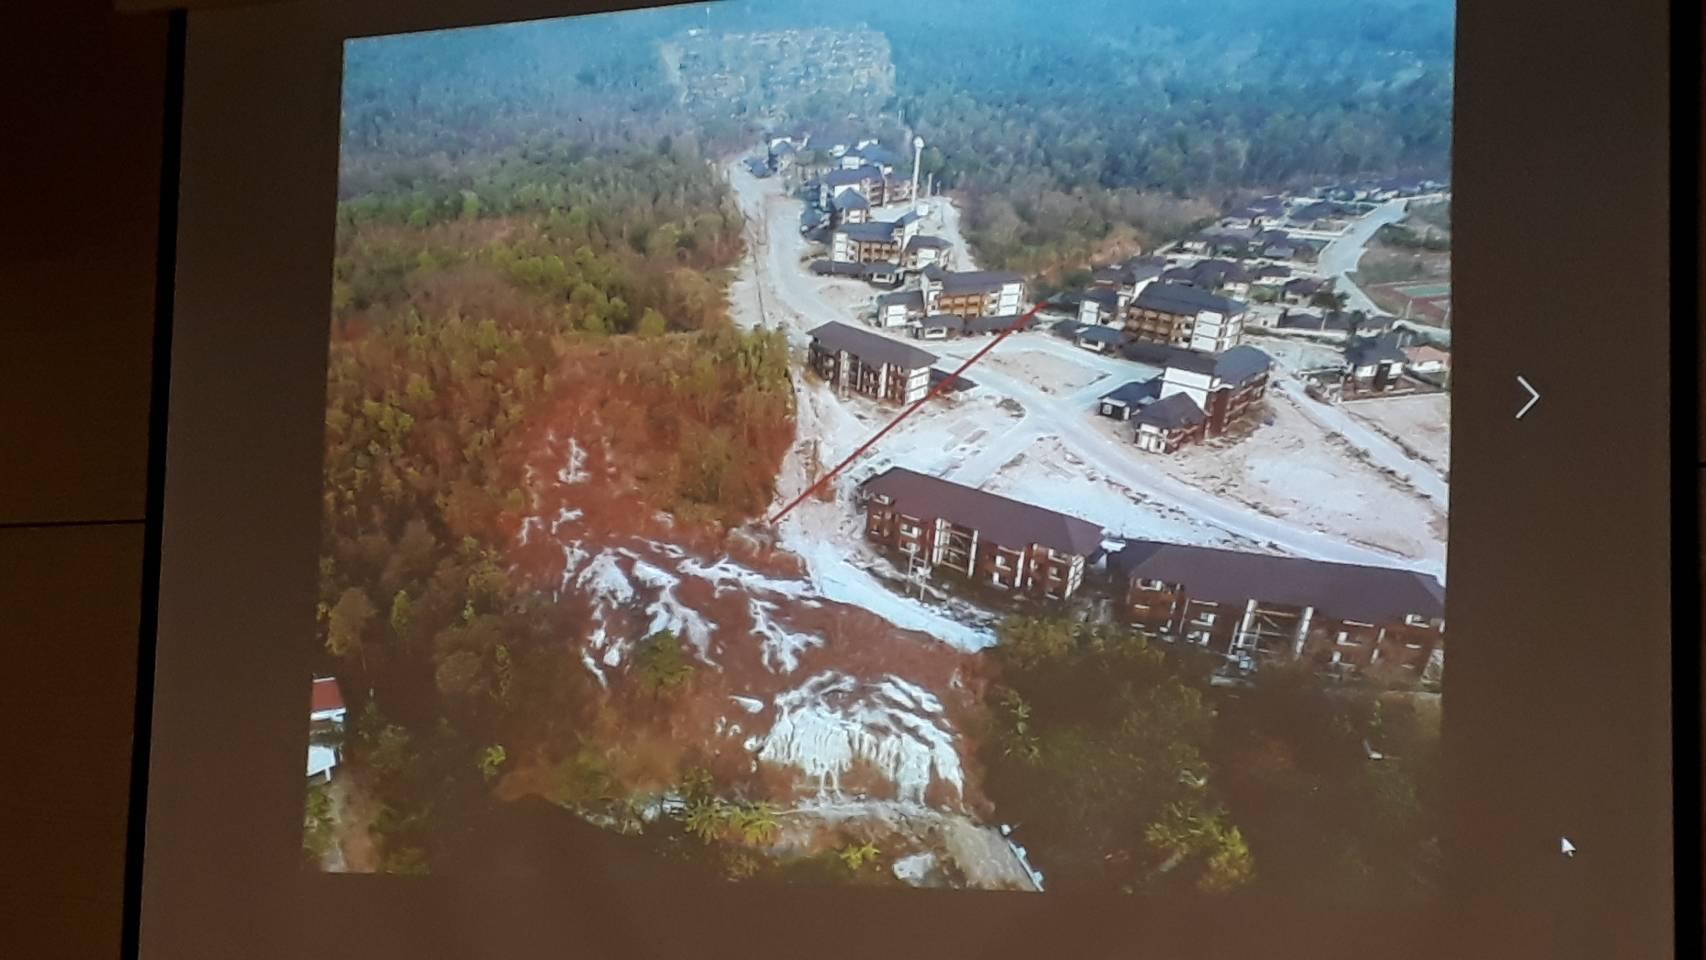 คืบหน้า ปัญหาโครงการก่อสร้างบ้านพักศาล ภาคประชาชนย้ำขอคืนผืนป่า วอนนายกรัฐมนตรีเร่งตัดสินใจปกป้องป่า